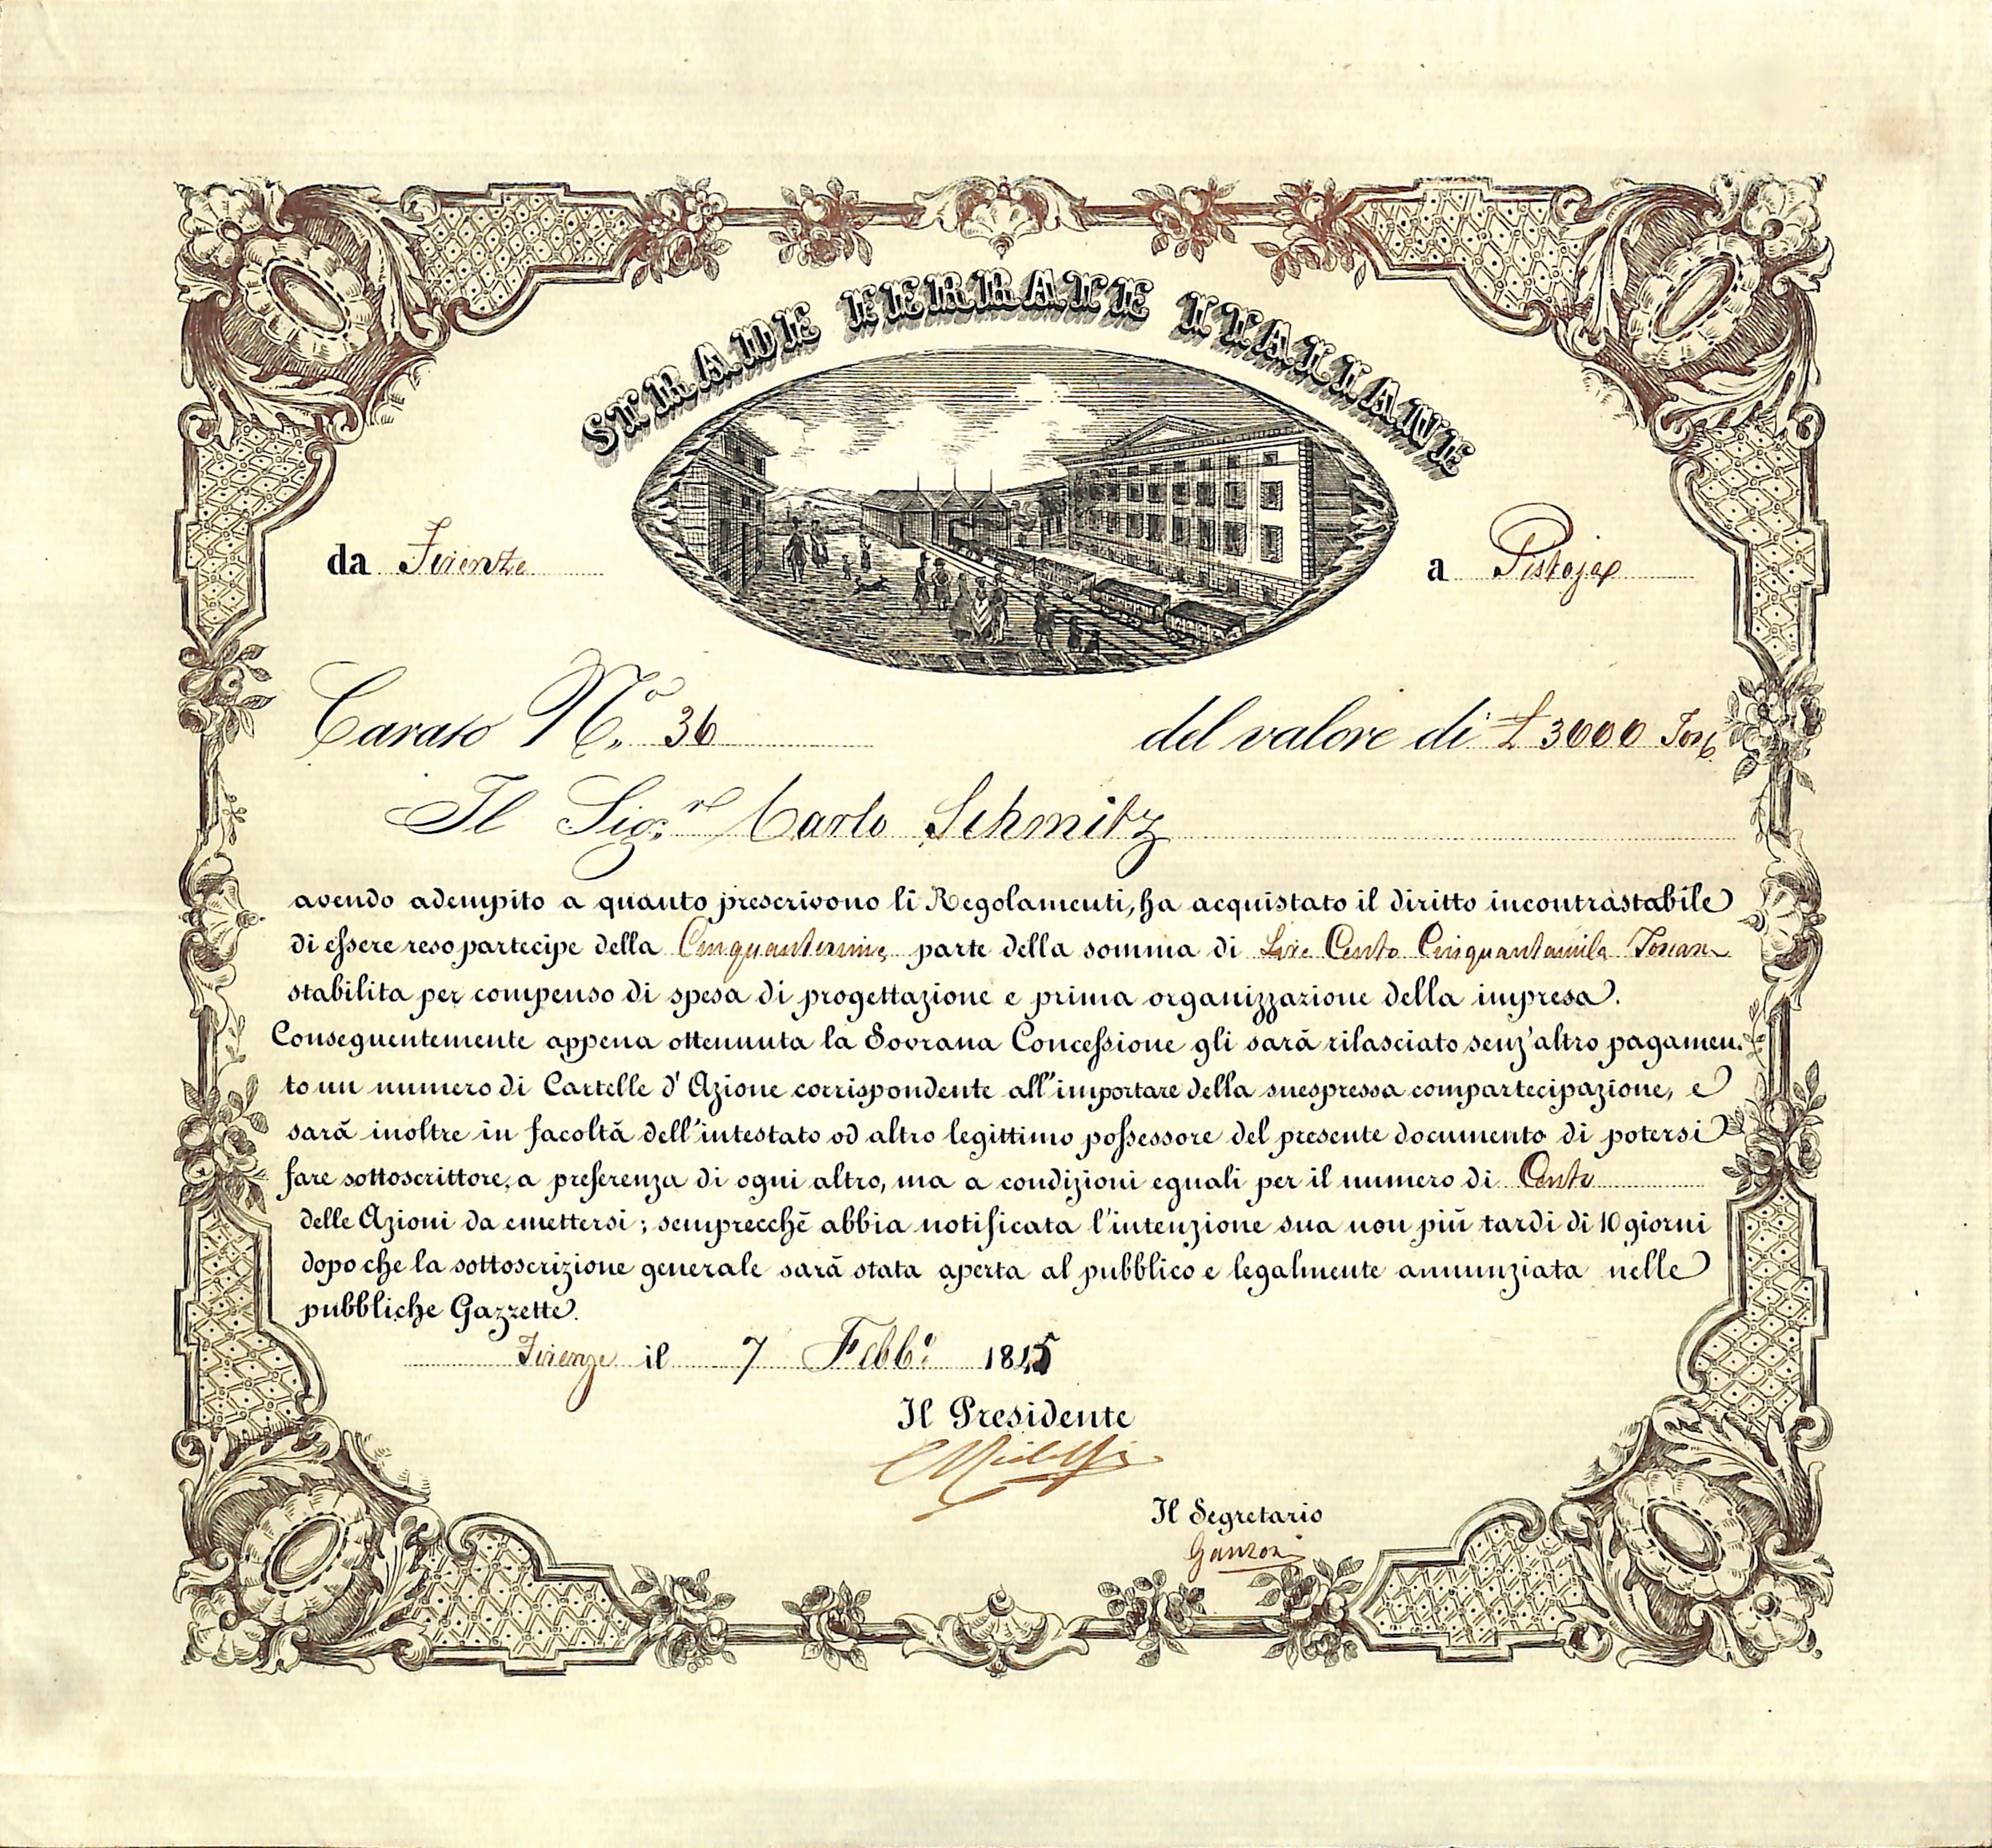 1845-strade-ferrate-italiane-carato-36